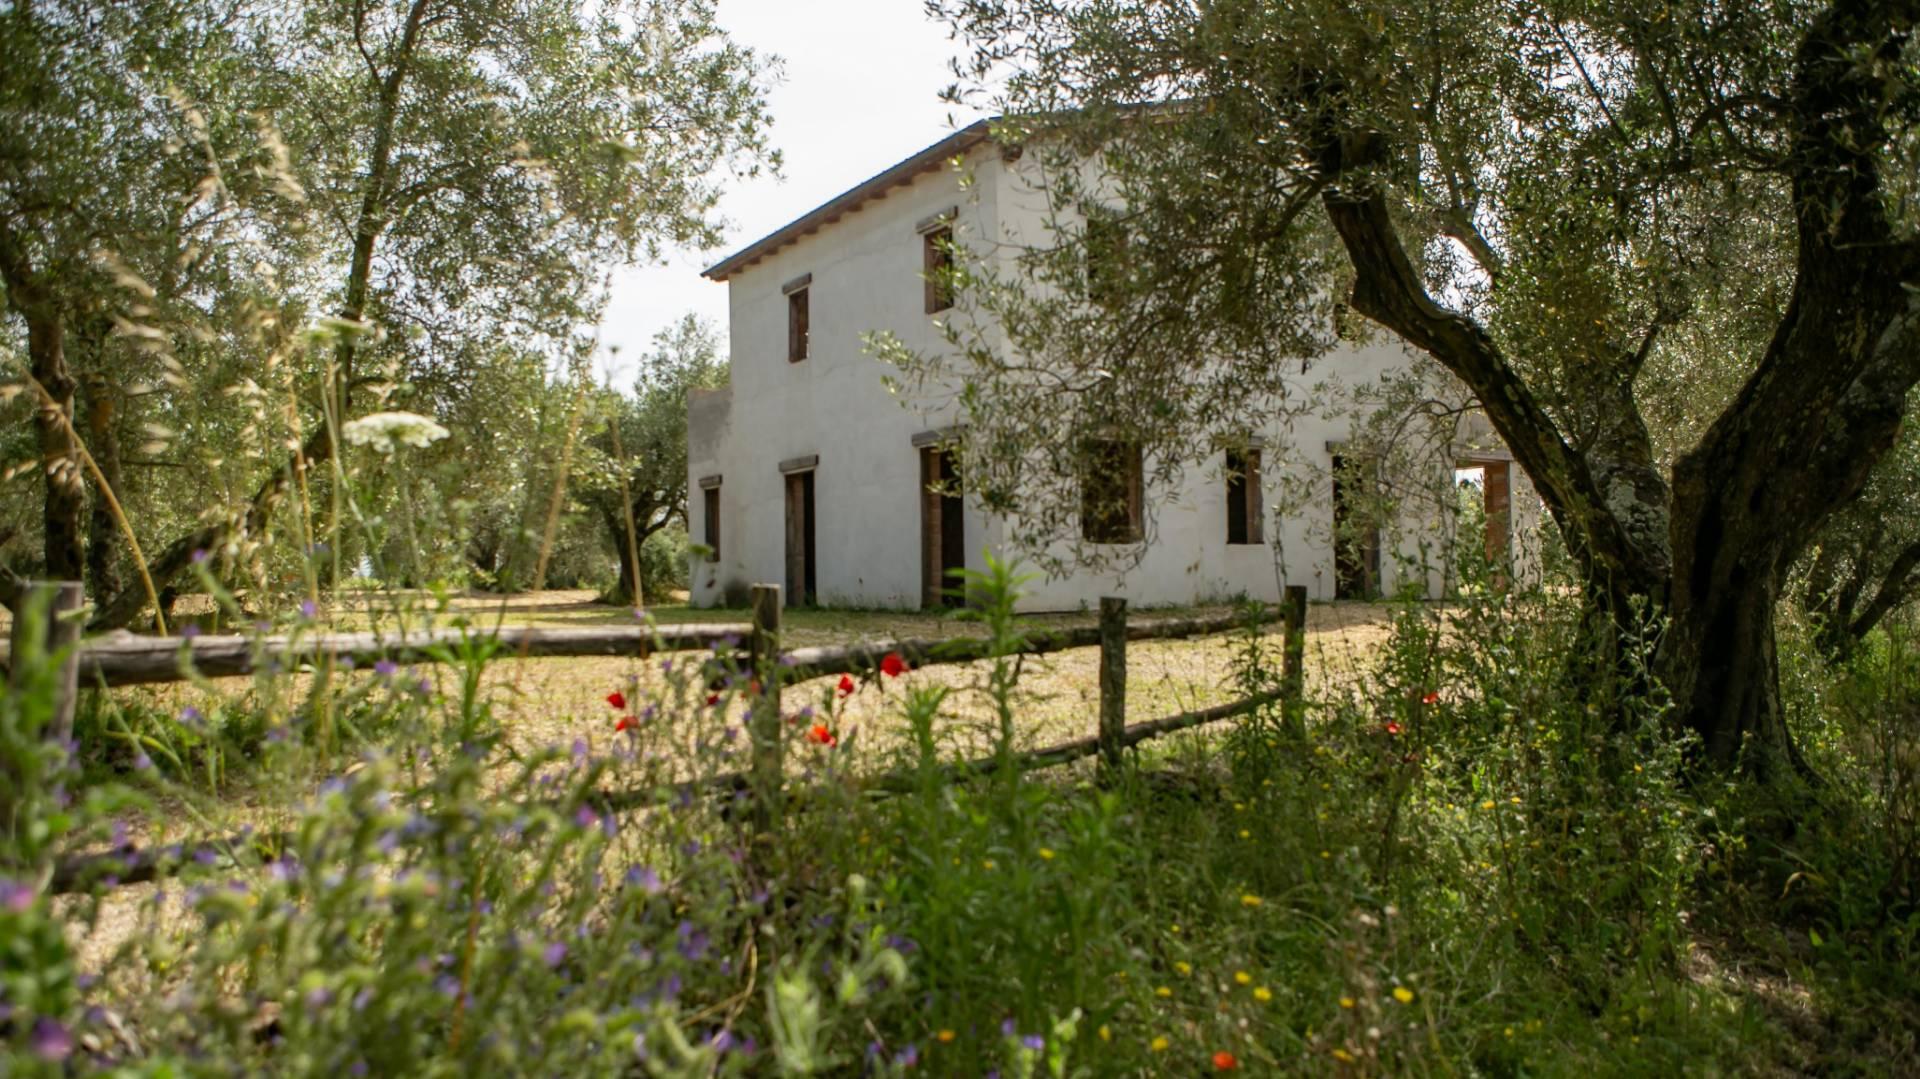 Rustico / Casale in vendita a Canino, 10 locali, zona Località: Vulci, prezzo € 190.000   CambioCasa.it